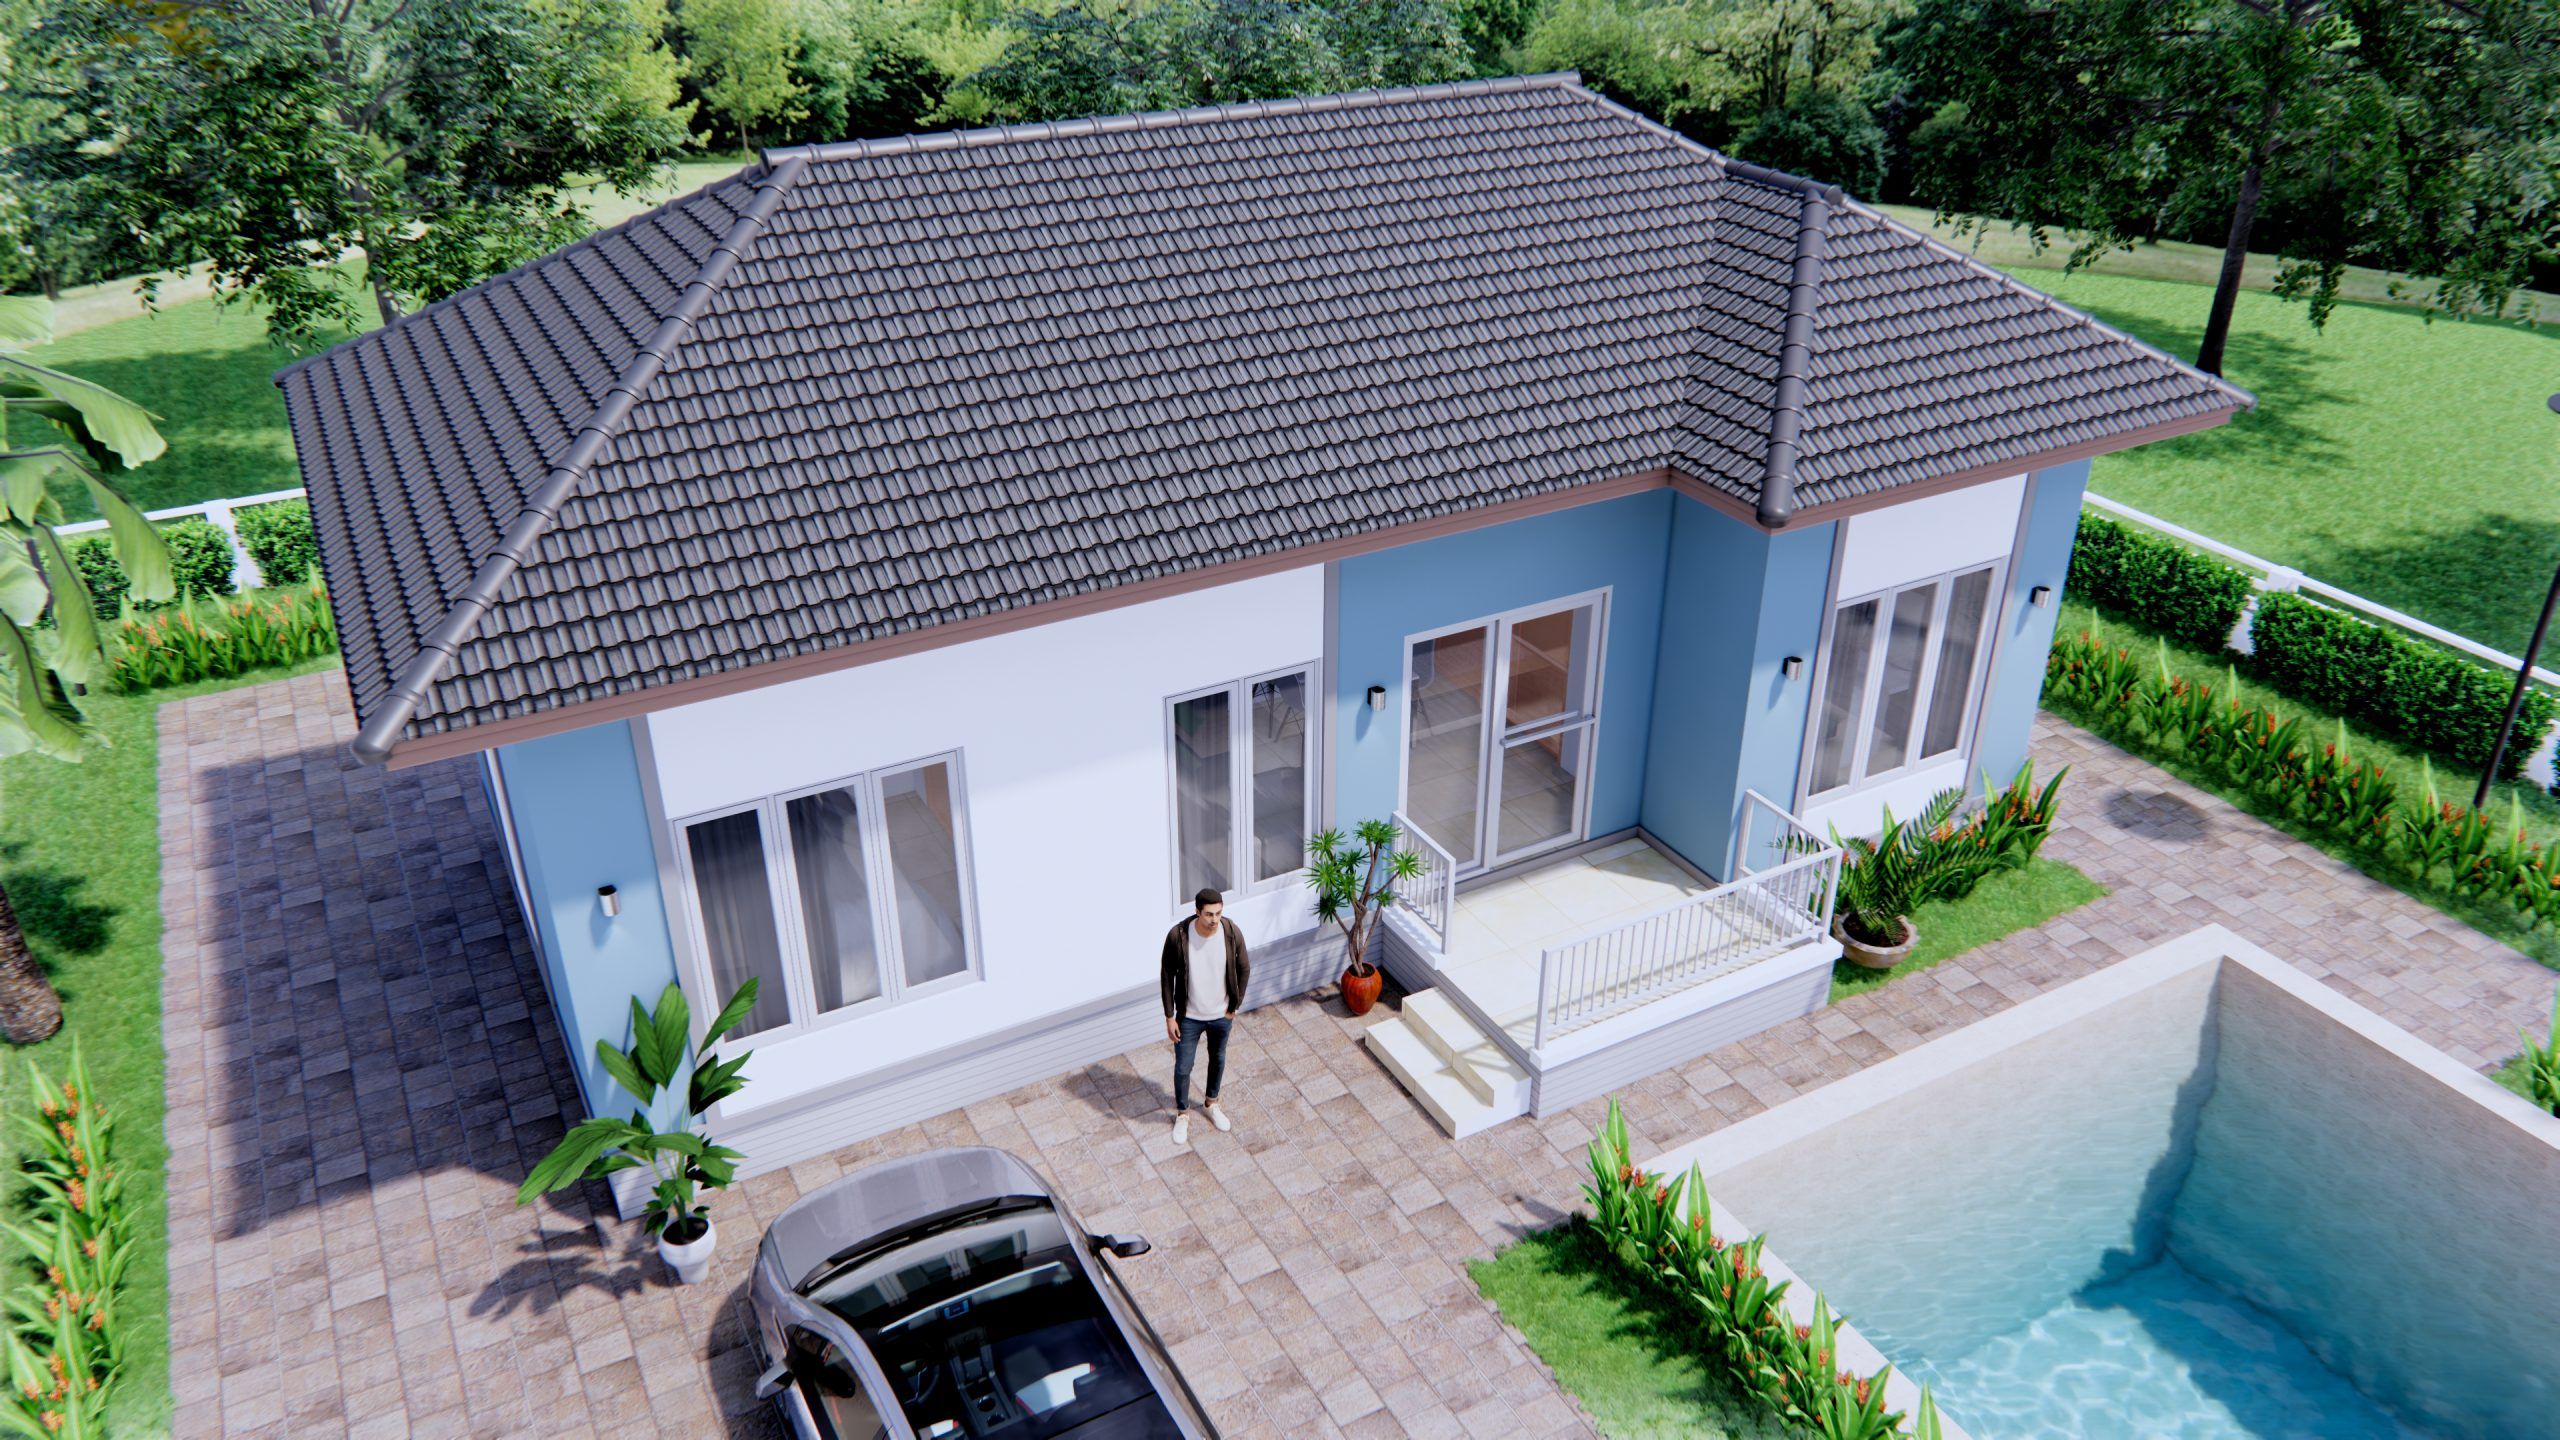 Floor Plan Design 11x6 Meters 36x20 Feet 3 Beds 2